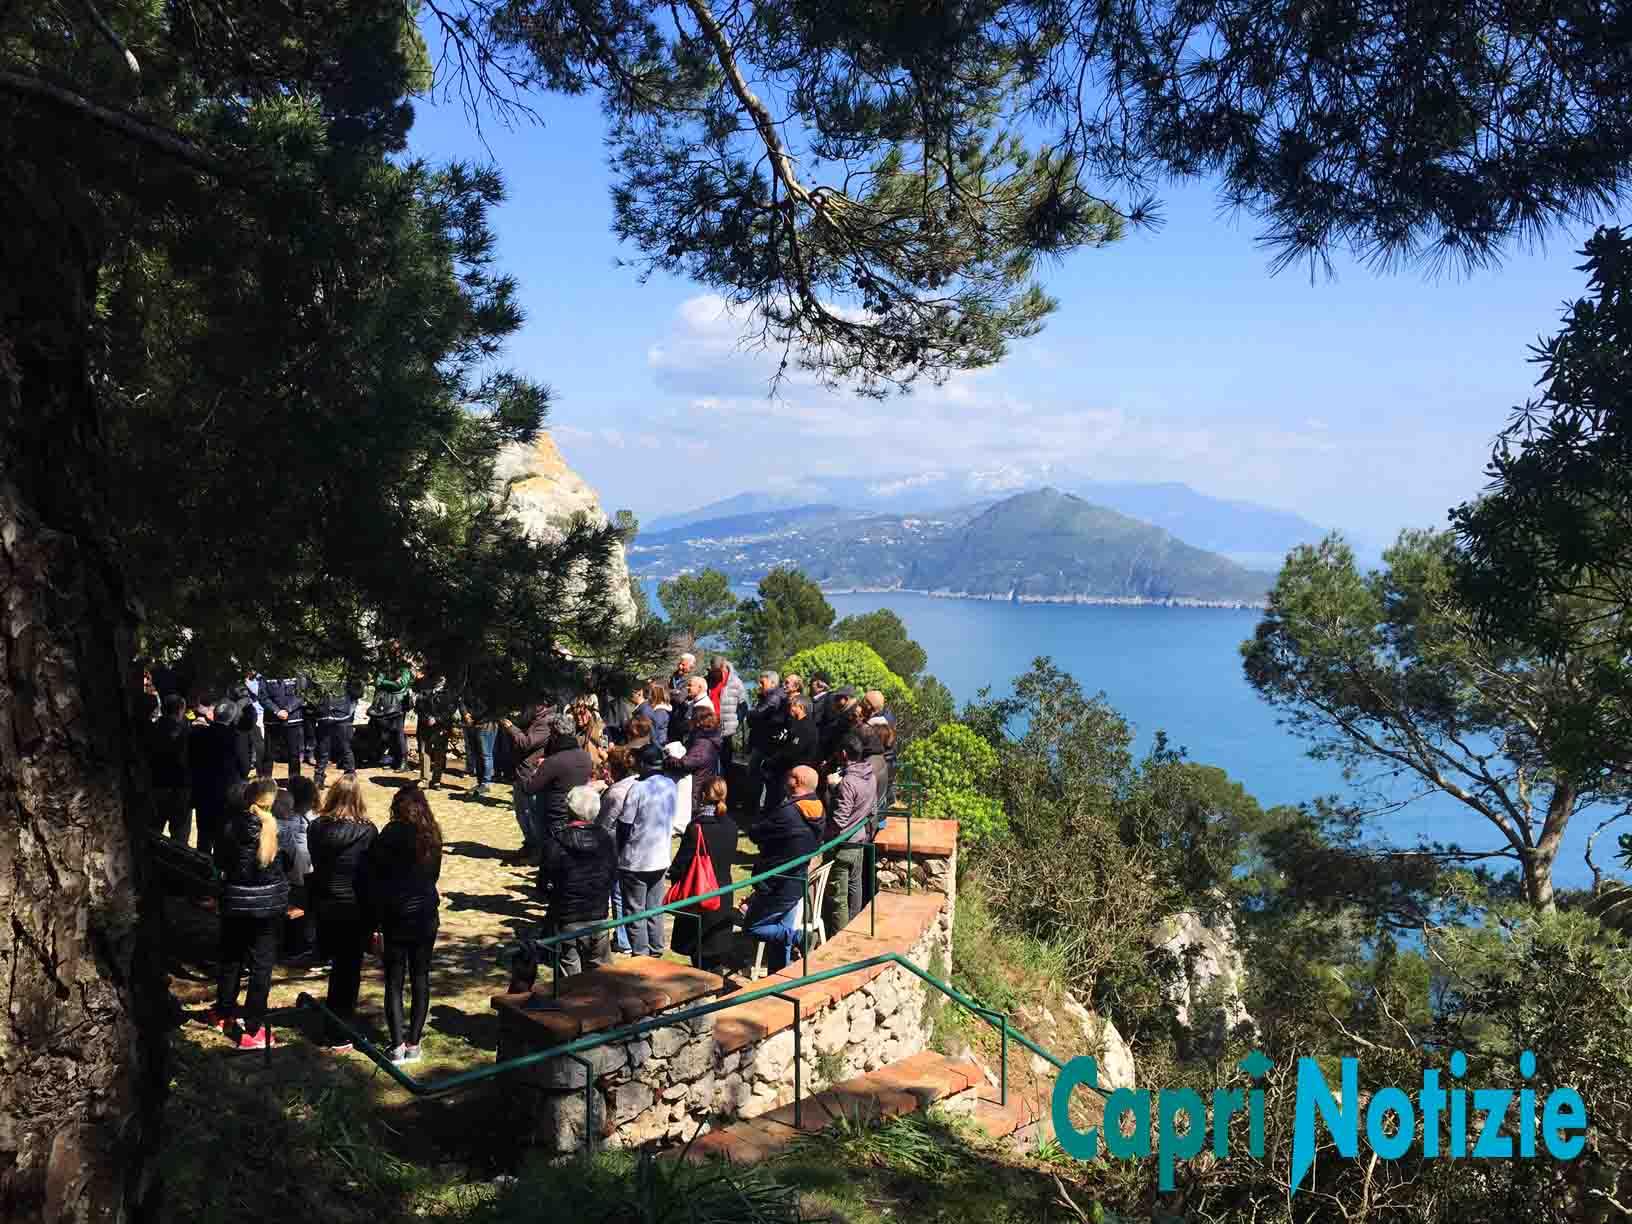 Capri. Inaugurazione del Parco Astarita e il Sentiero del Lauro dopo i Lavori (FOTO E VIDEO)